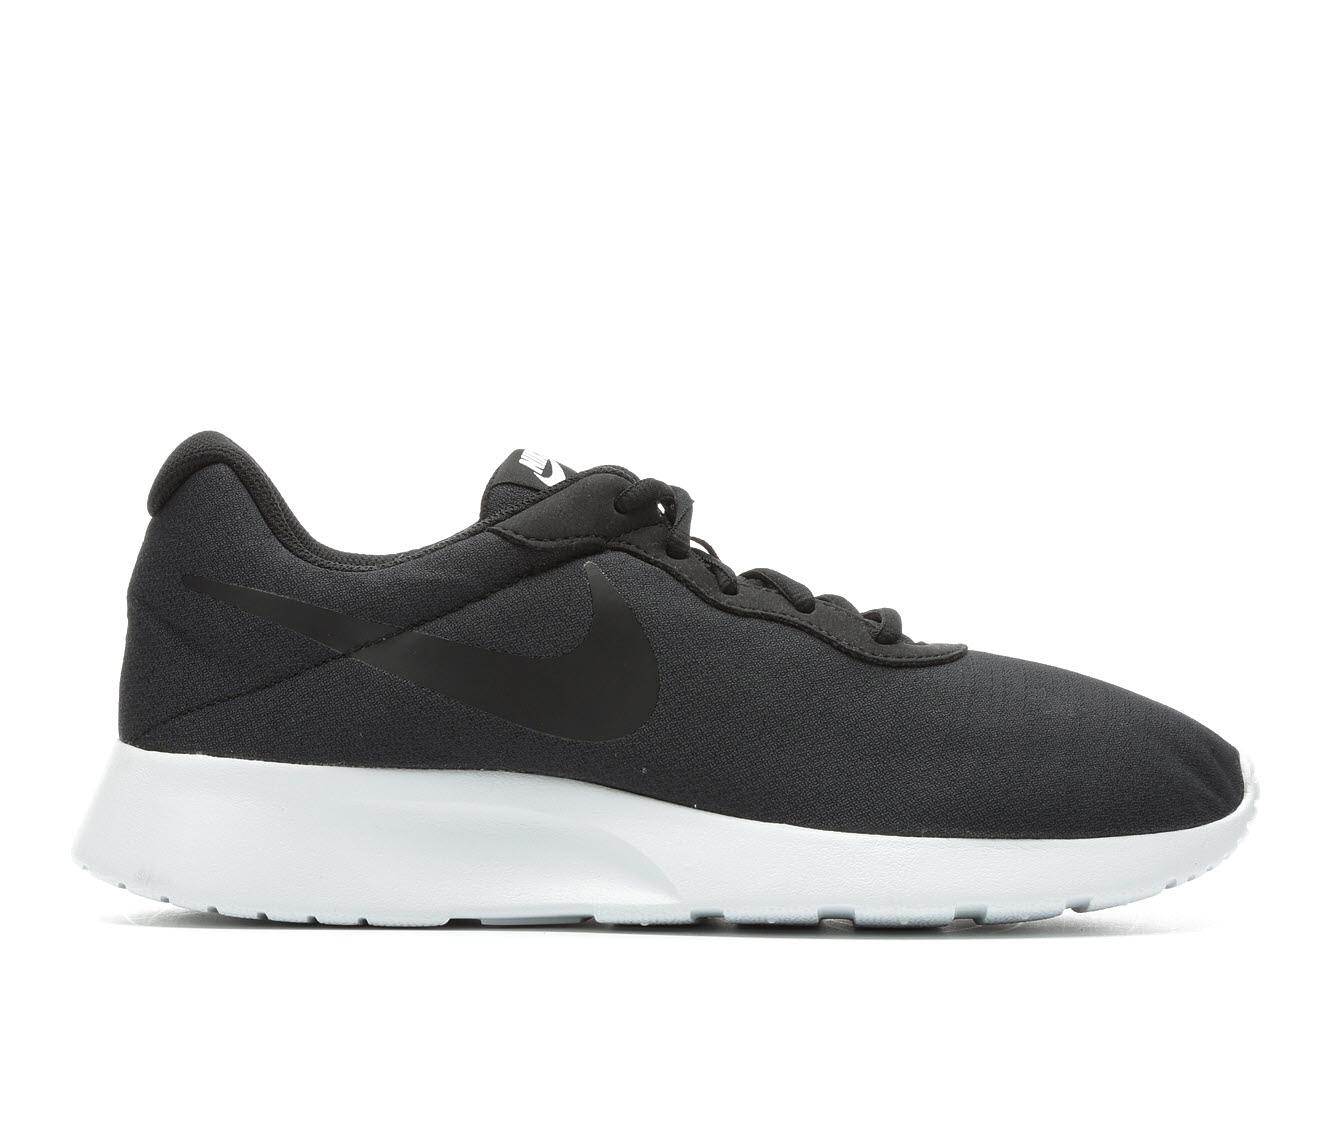 Men's Nike Tanjun Running Shoes (Black - Size 9.5) 1688813